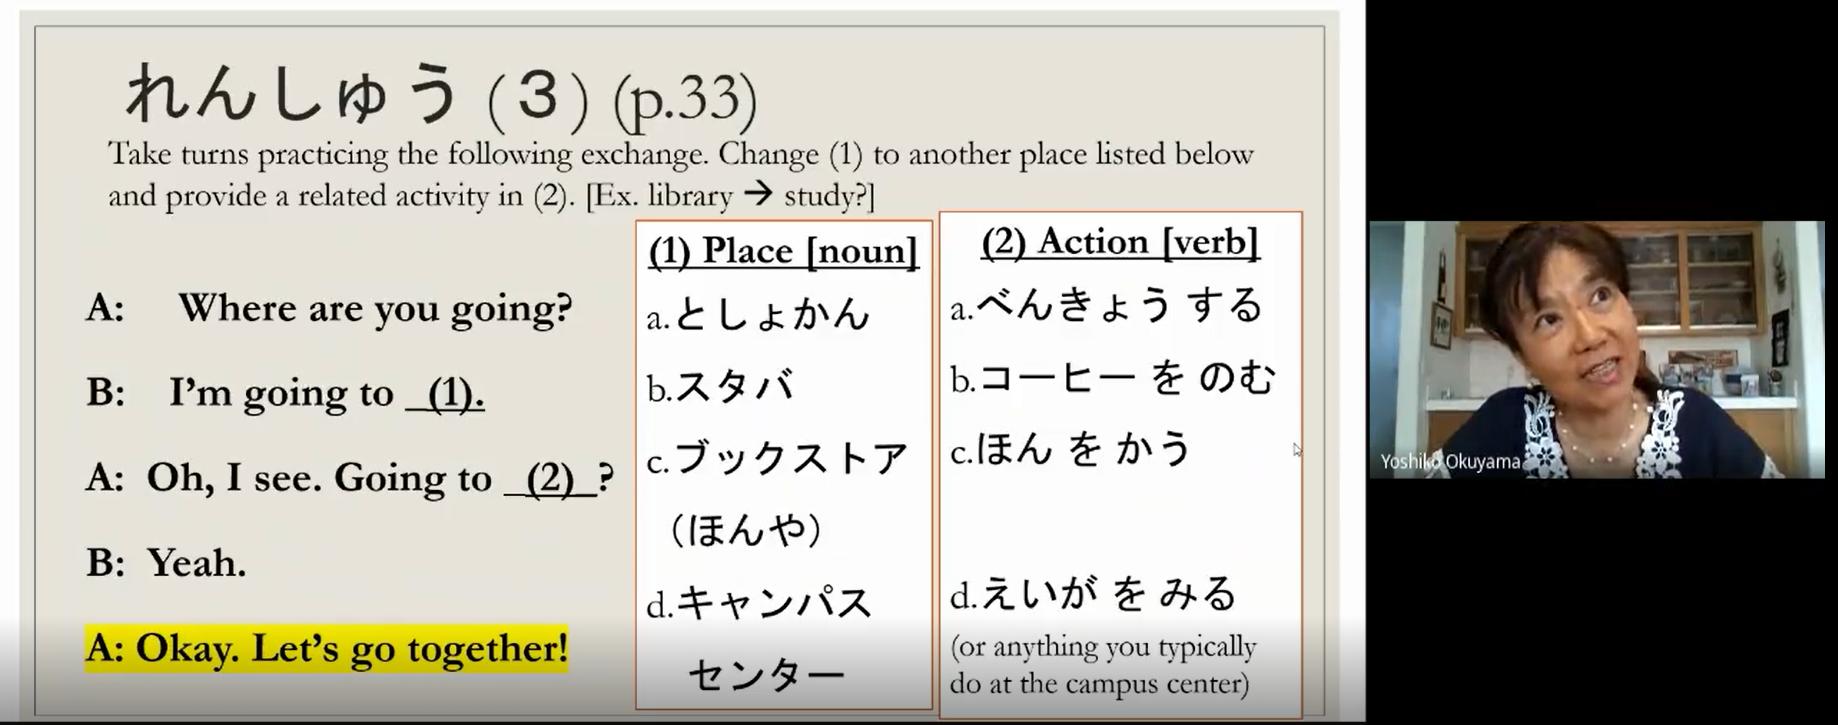 Screenshot of Japanese language lesson. Yoshiko Okuyama pictured at right.